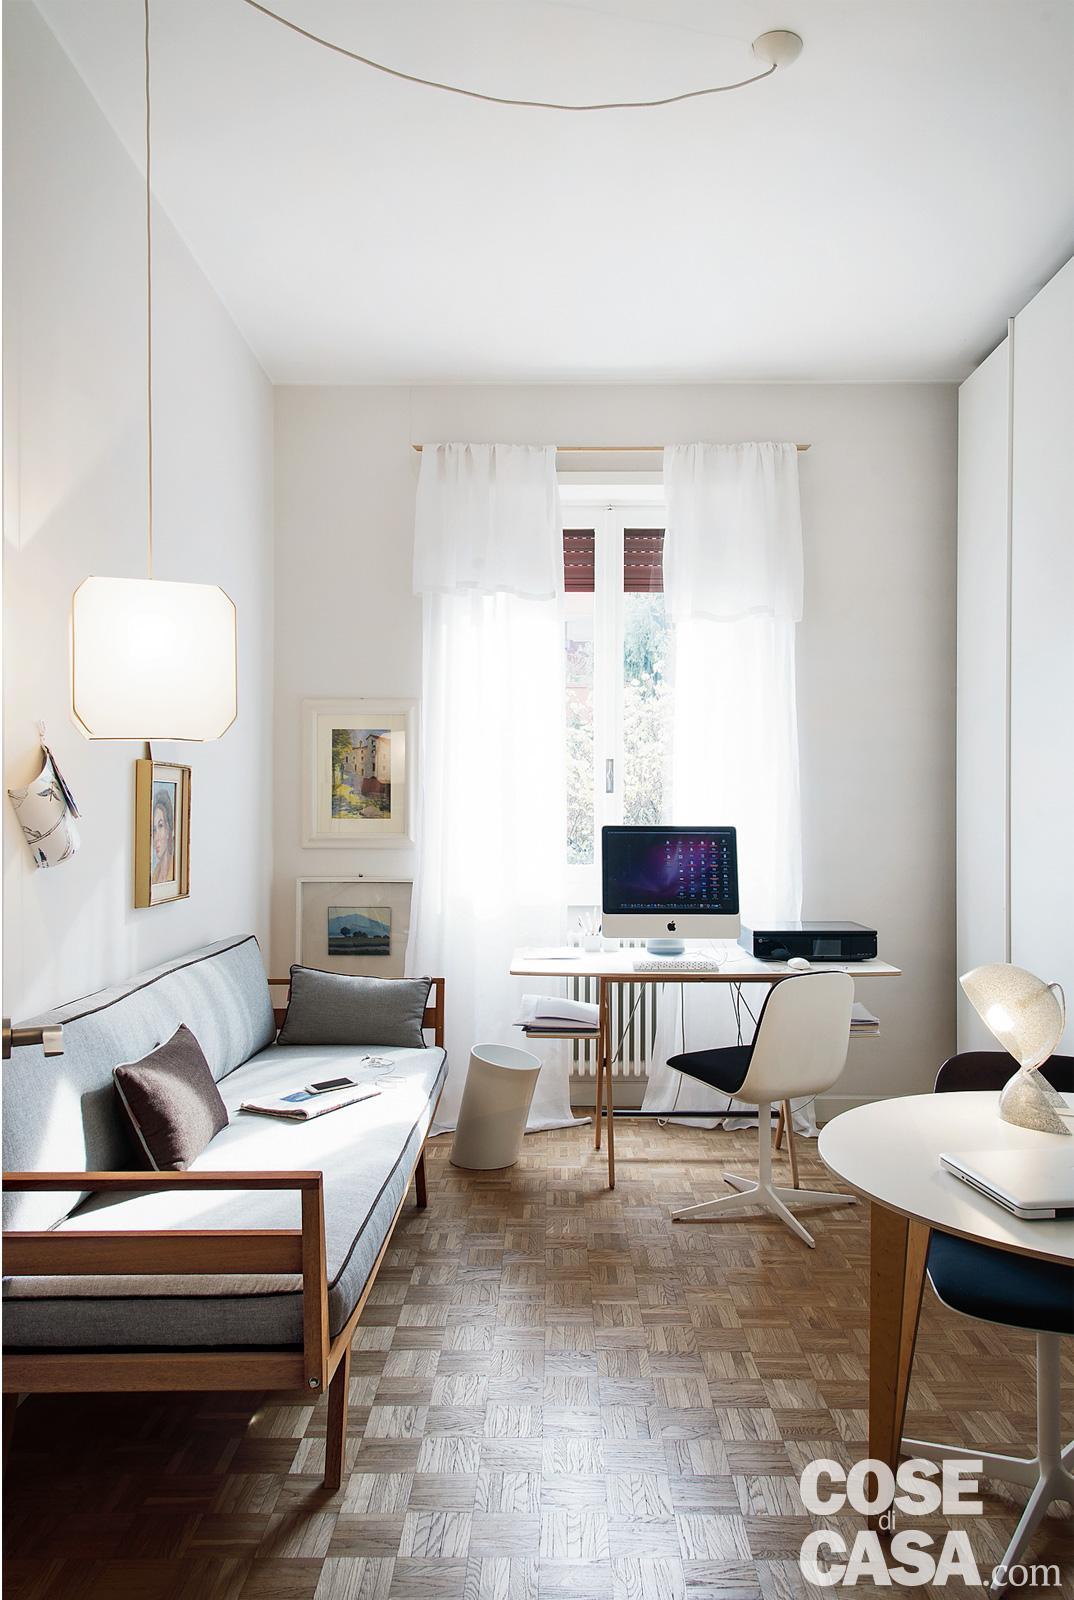 89 mq arredati con pezzi iconici del design cose di casa for Case eleganti moderne